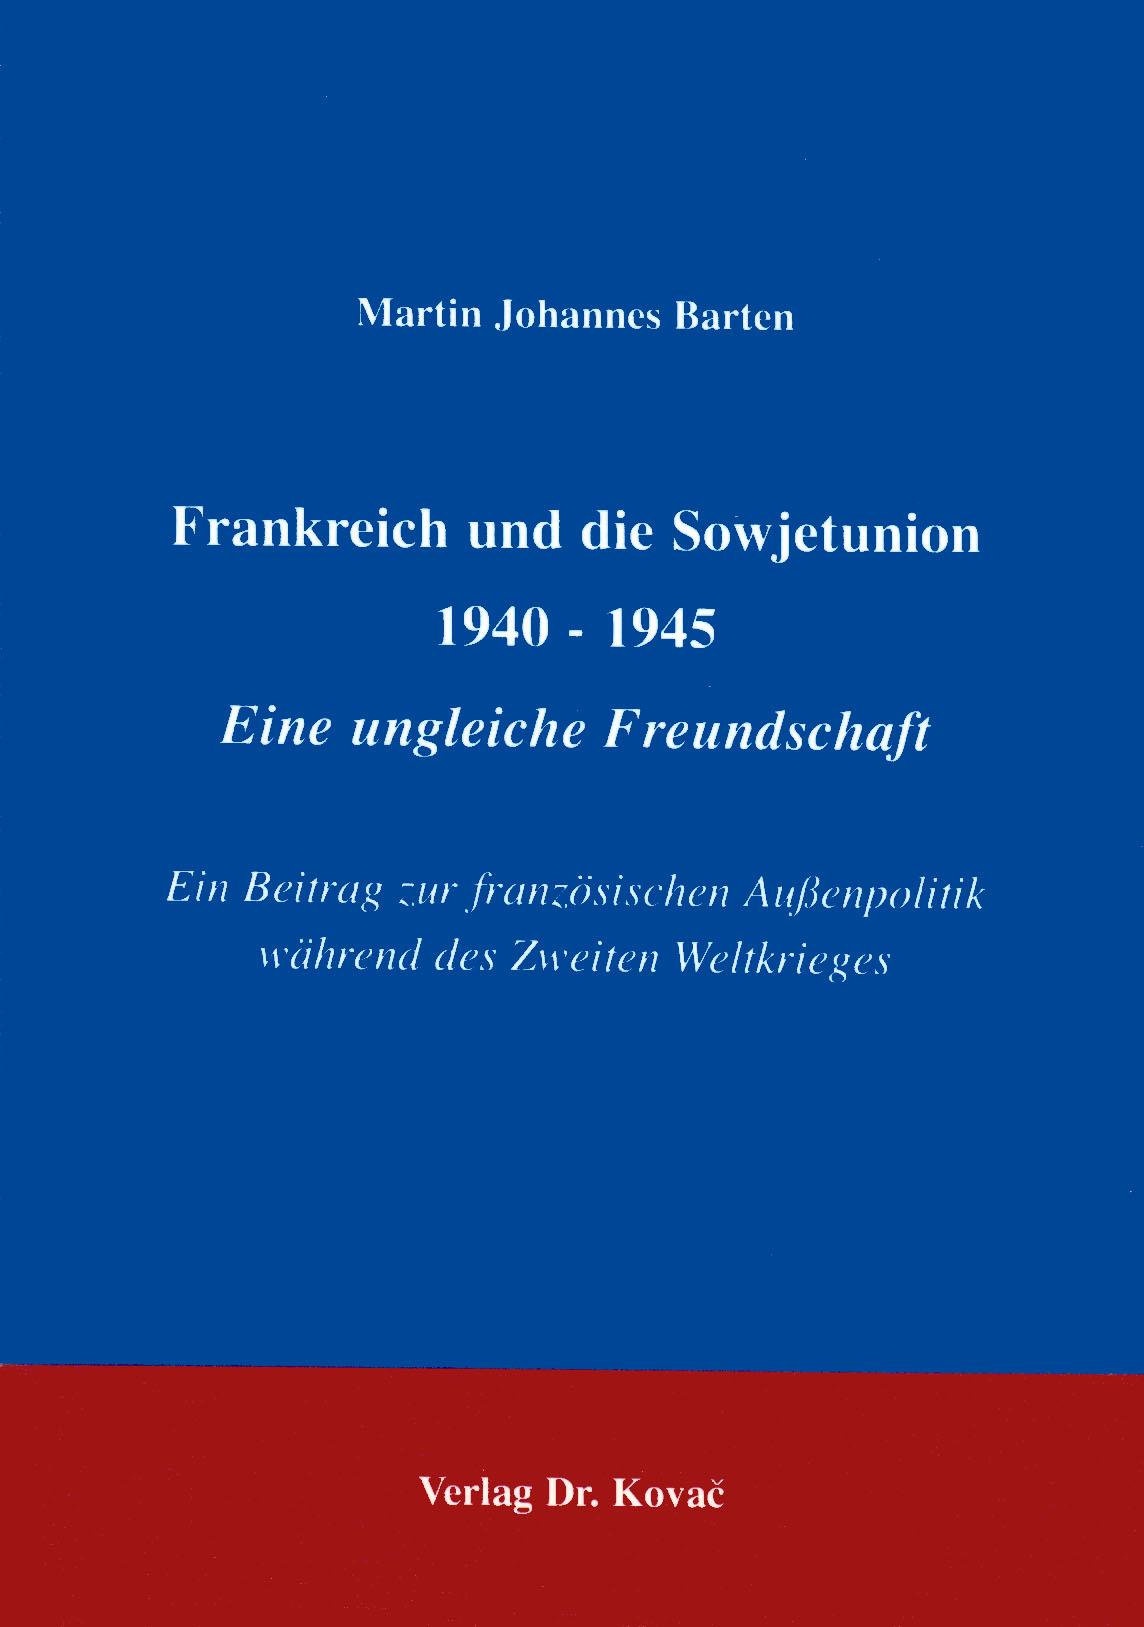 Cover: Frankreich und die Sowjetunion 1940 - 1945